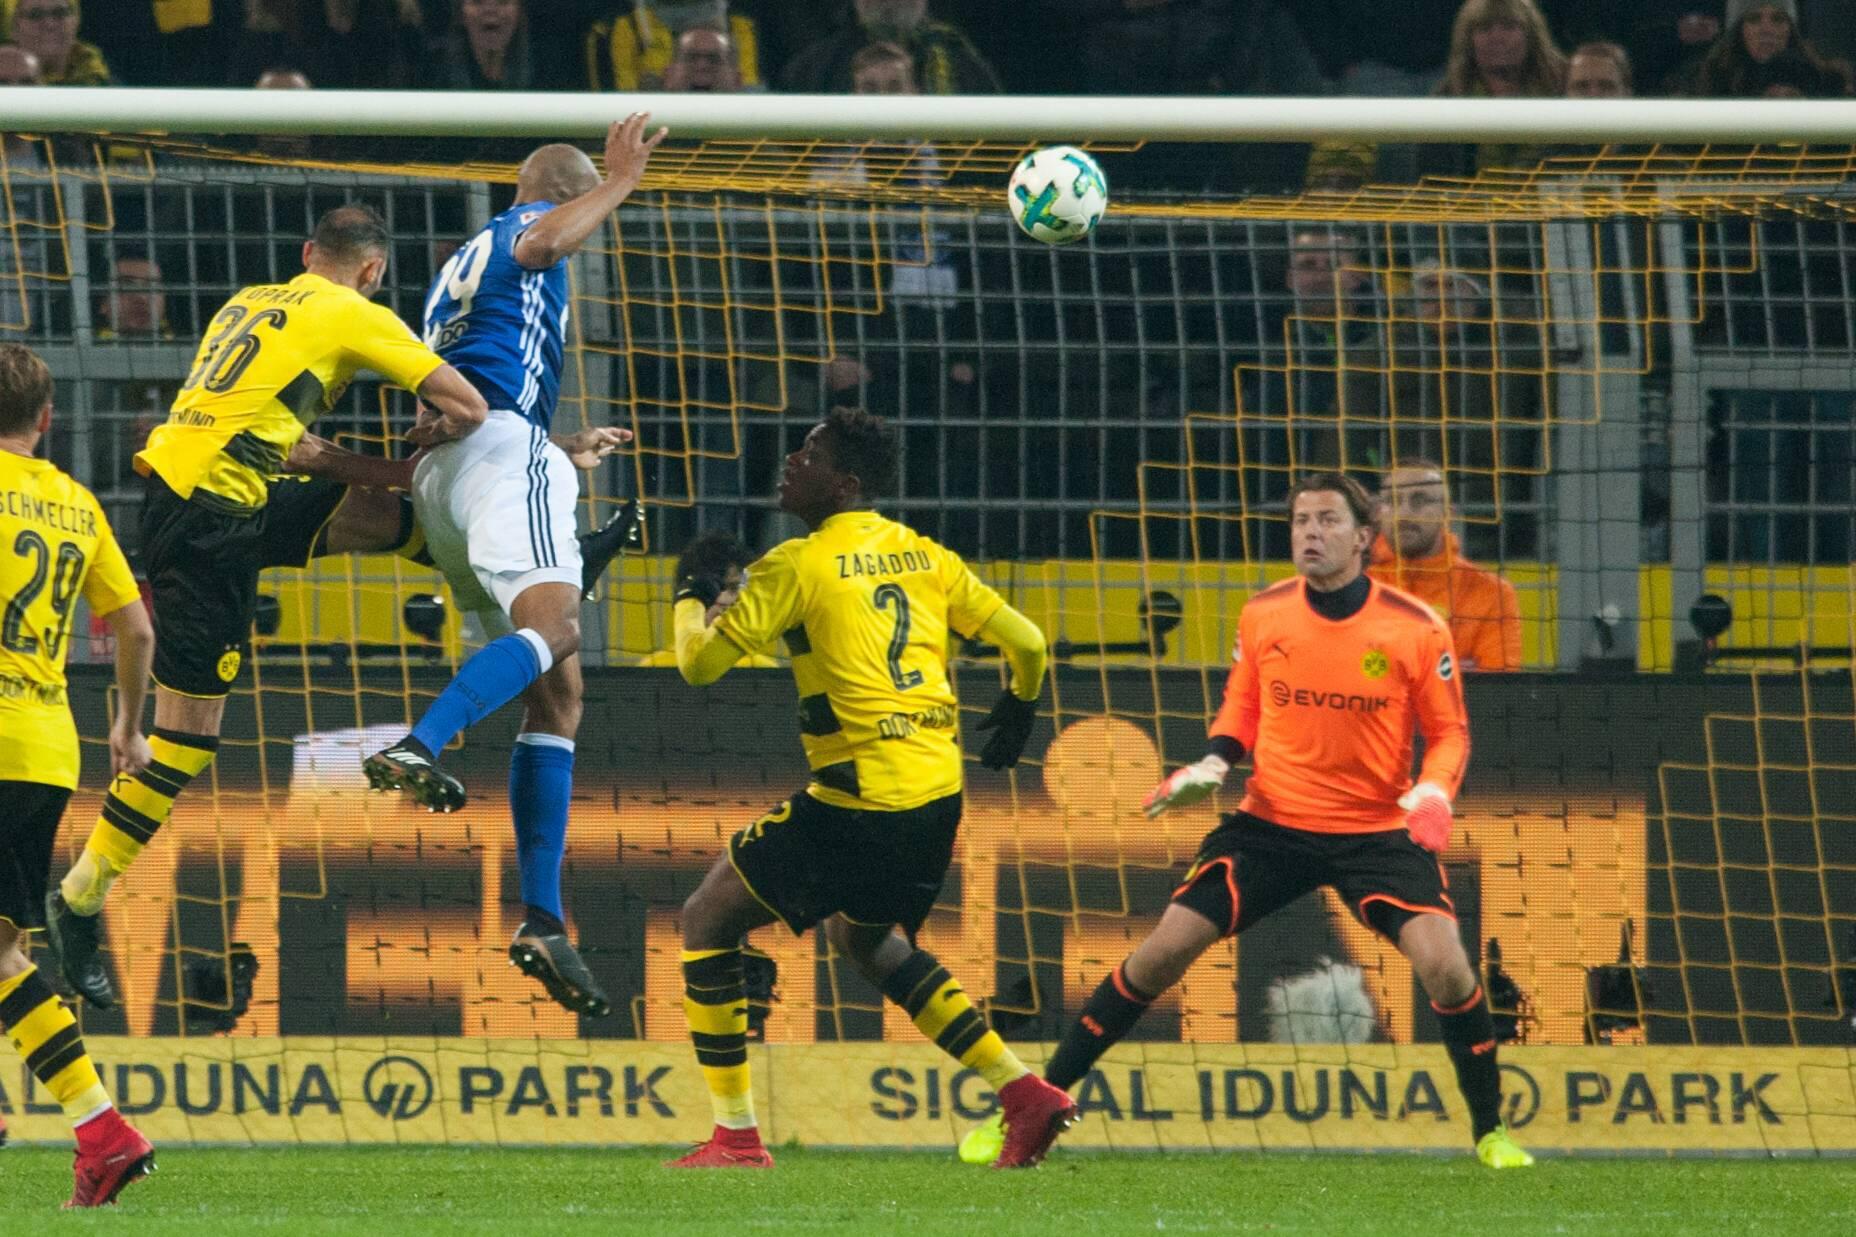 Bild zu Fußball, Bundesliga, Borussia Dortmund, BVB, FC Schalke 04, S04, Derby, Historie, 2017